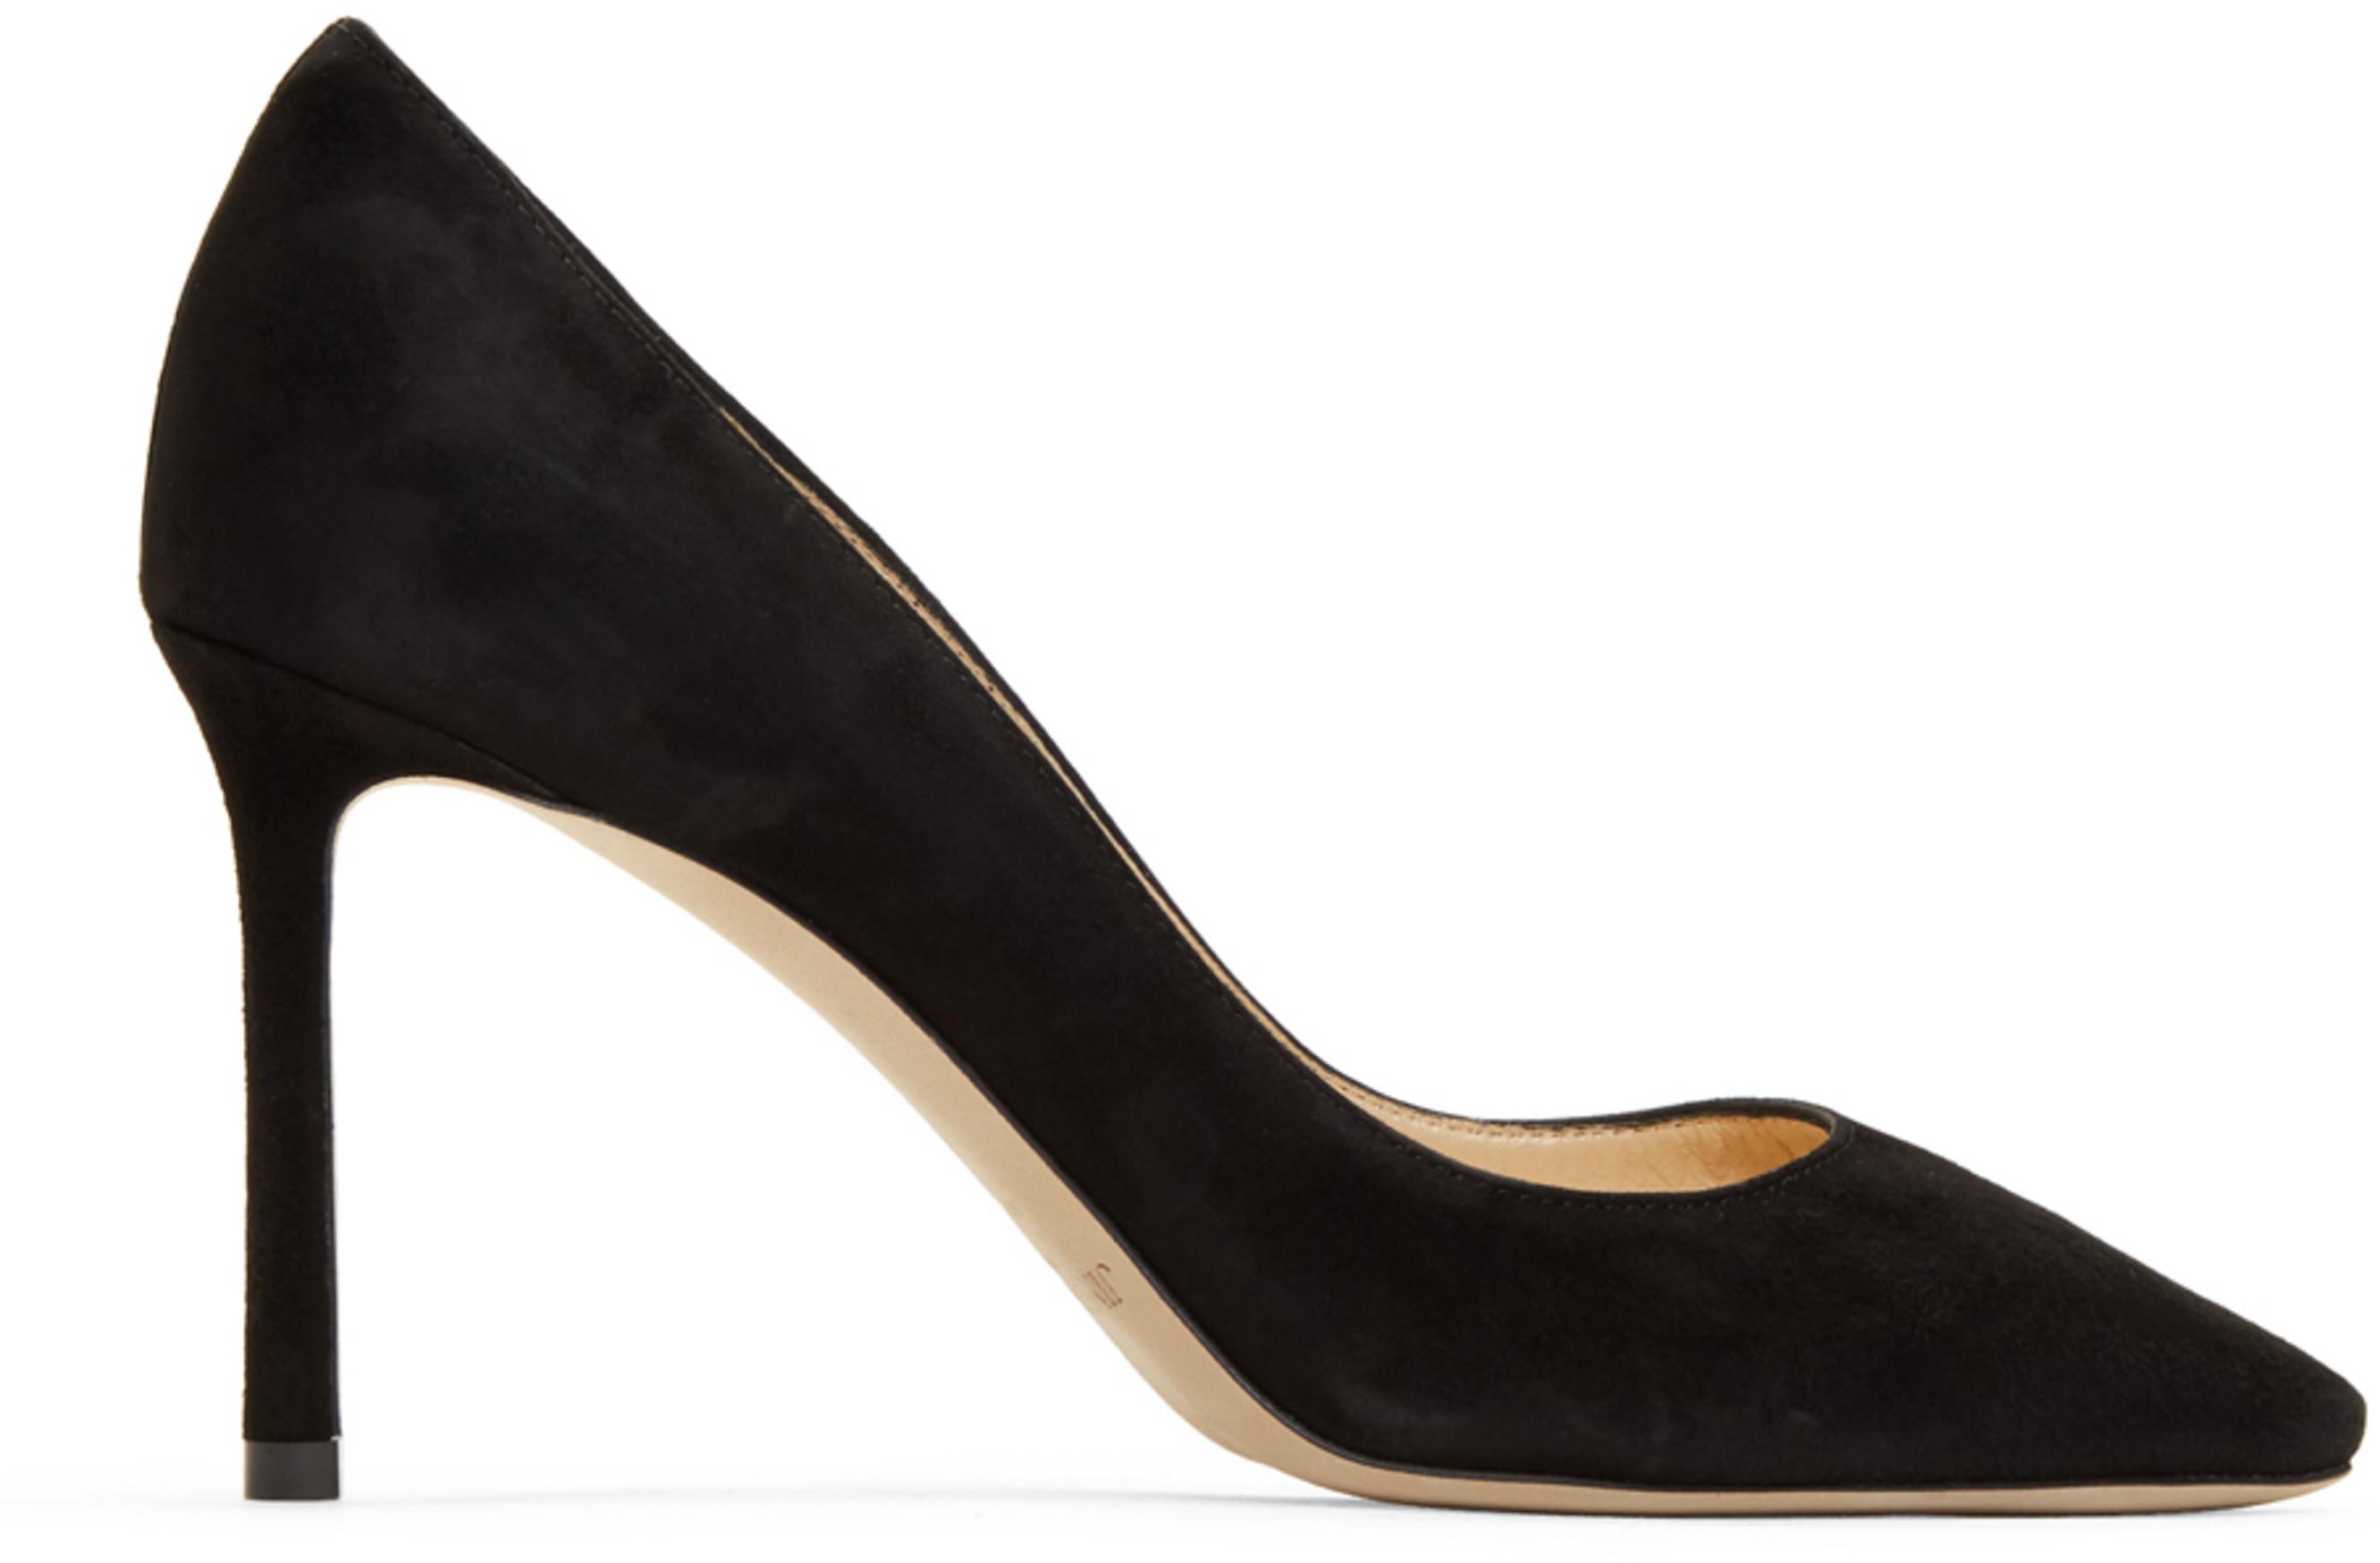 ade639d7581 Black Suede Romy 85 Heels